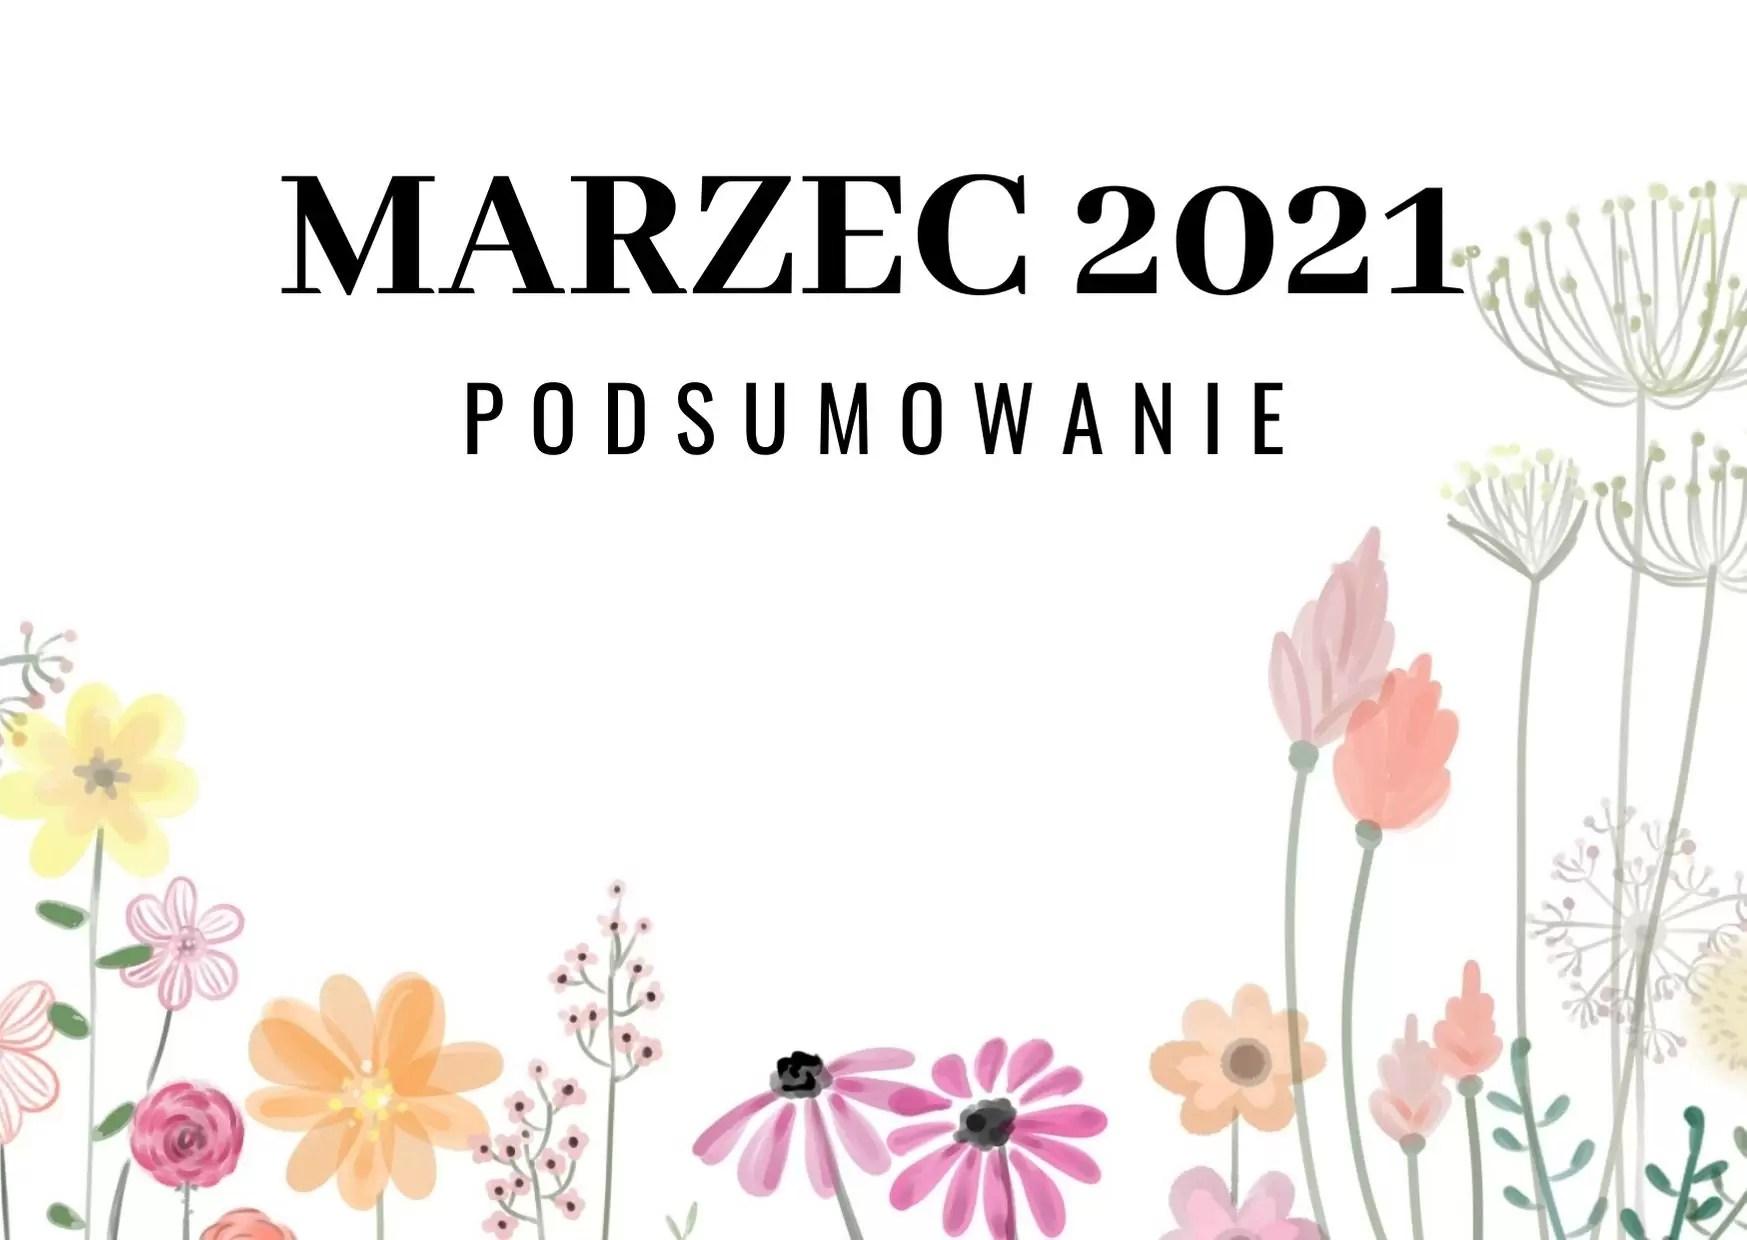 Marzec 2021 podsumowanie